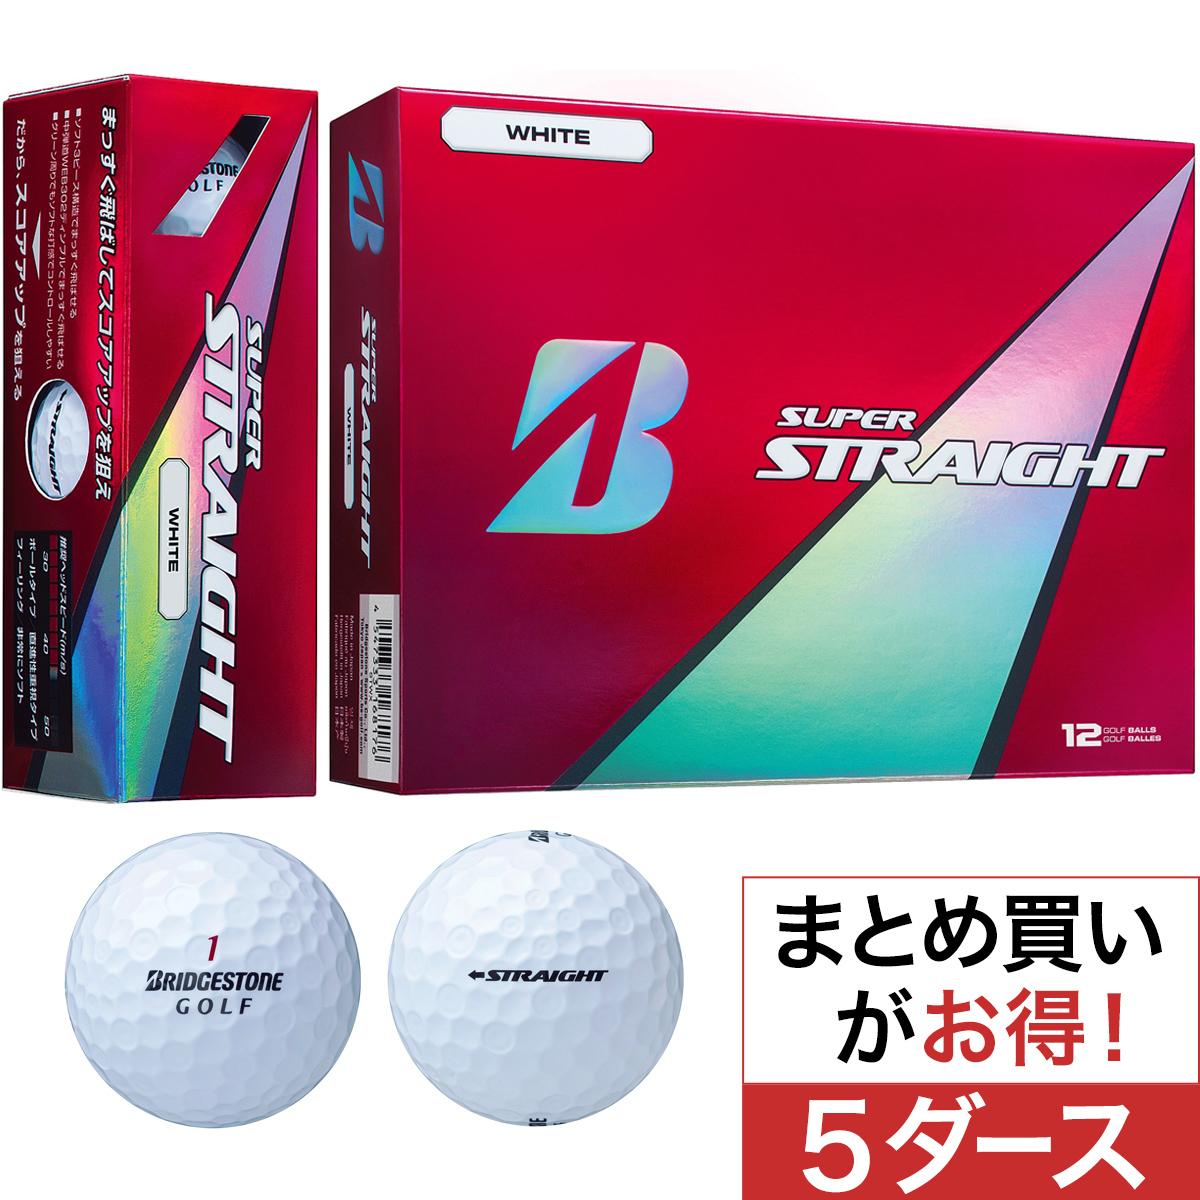 SUPER STRAIGHT スーパーストレート ボール 5ダースセット